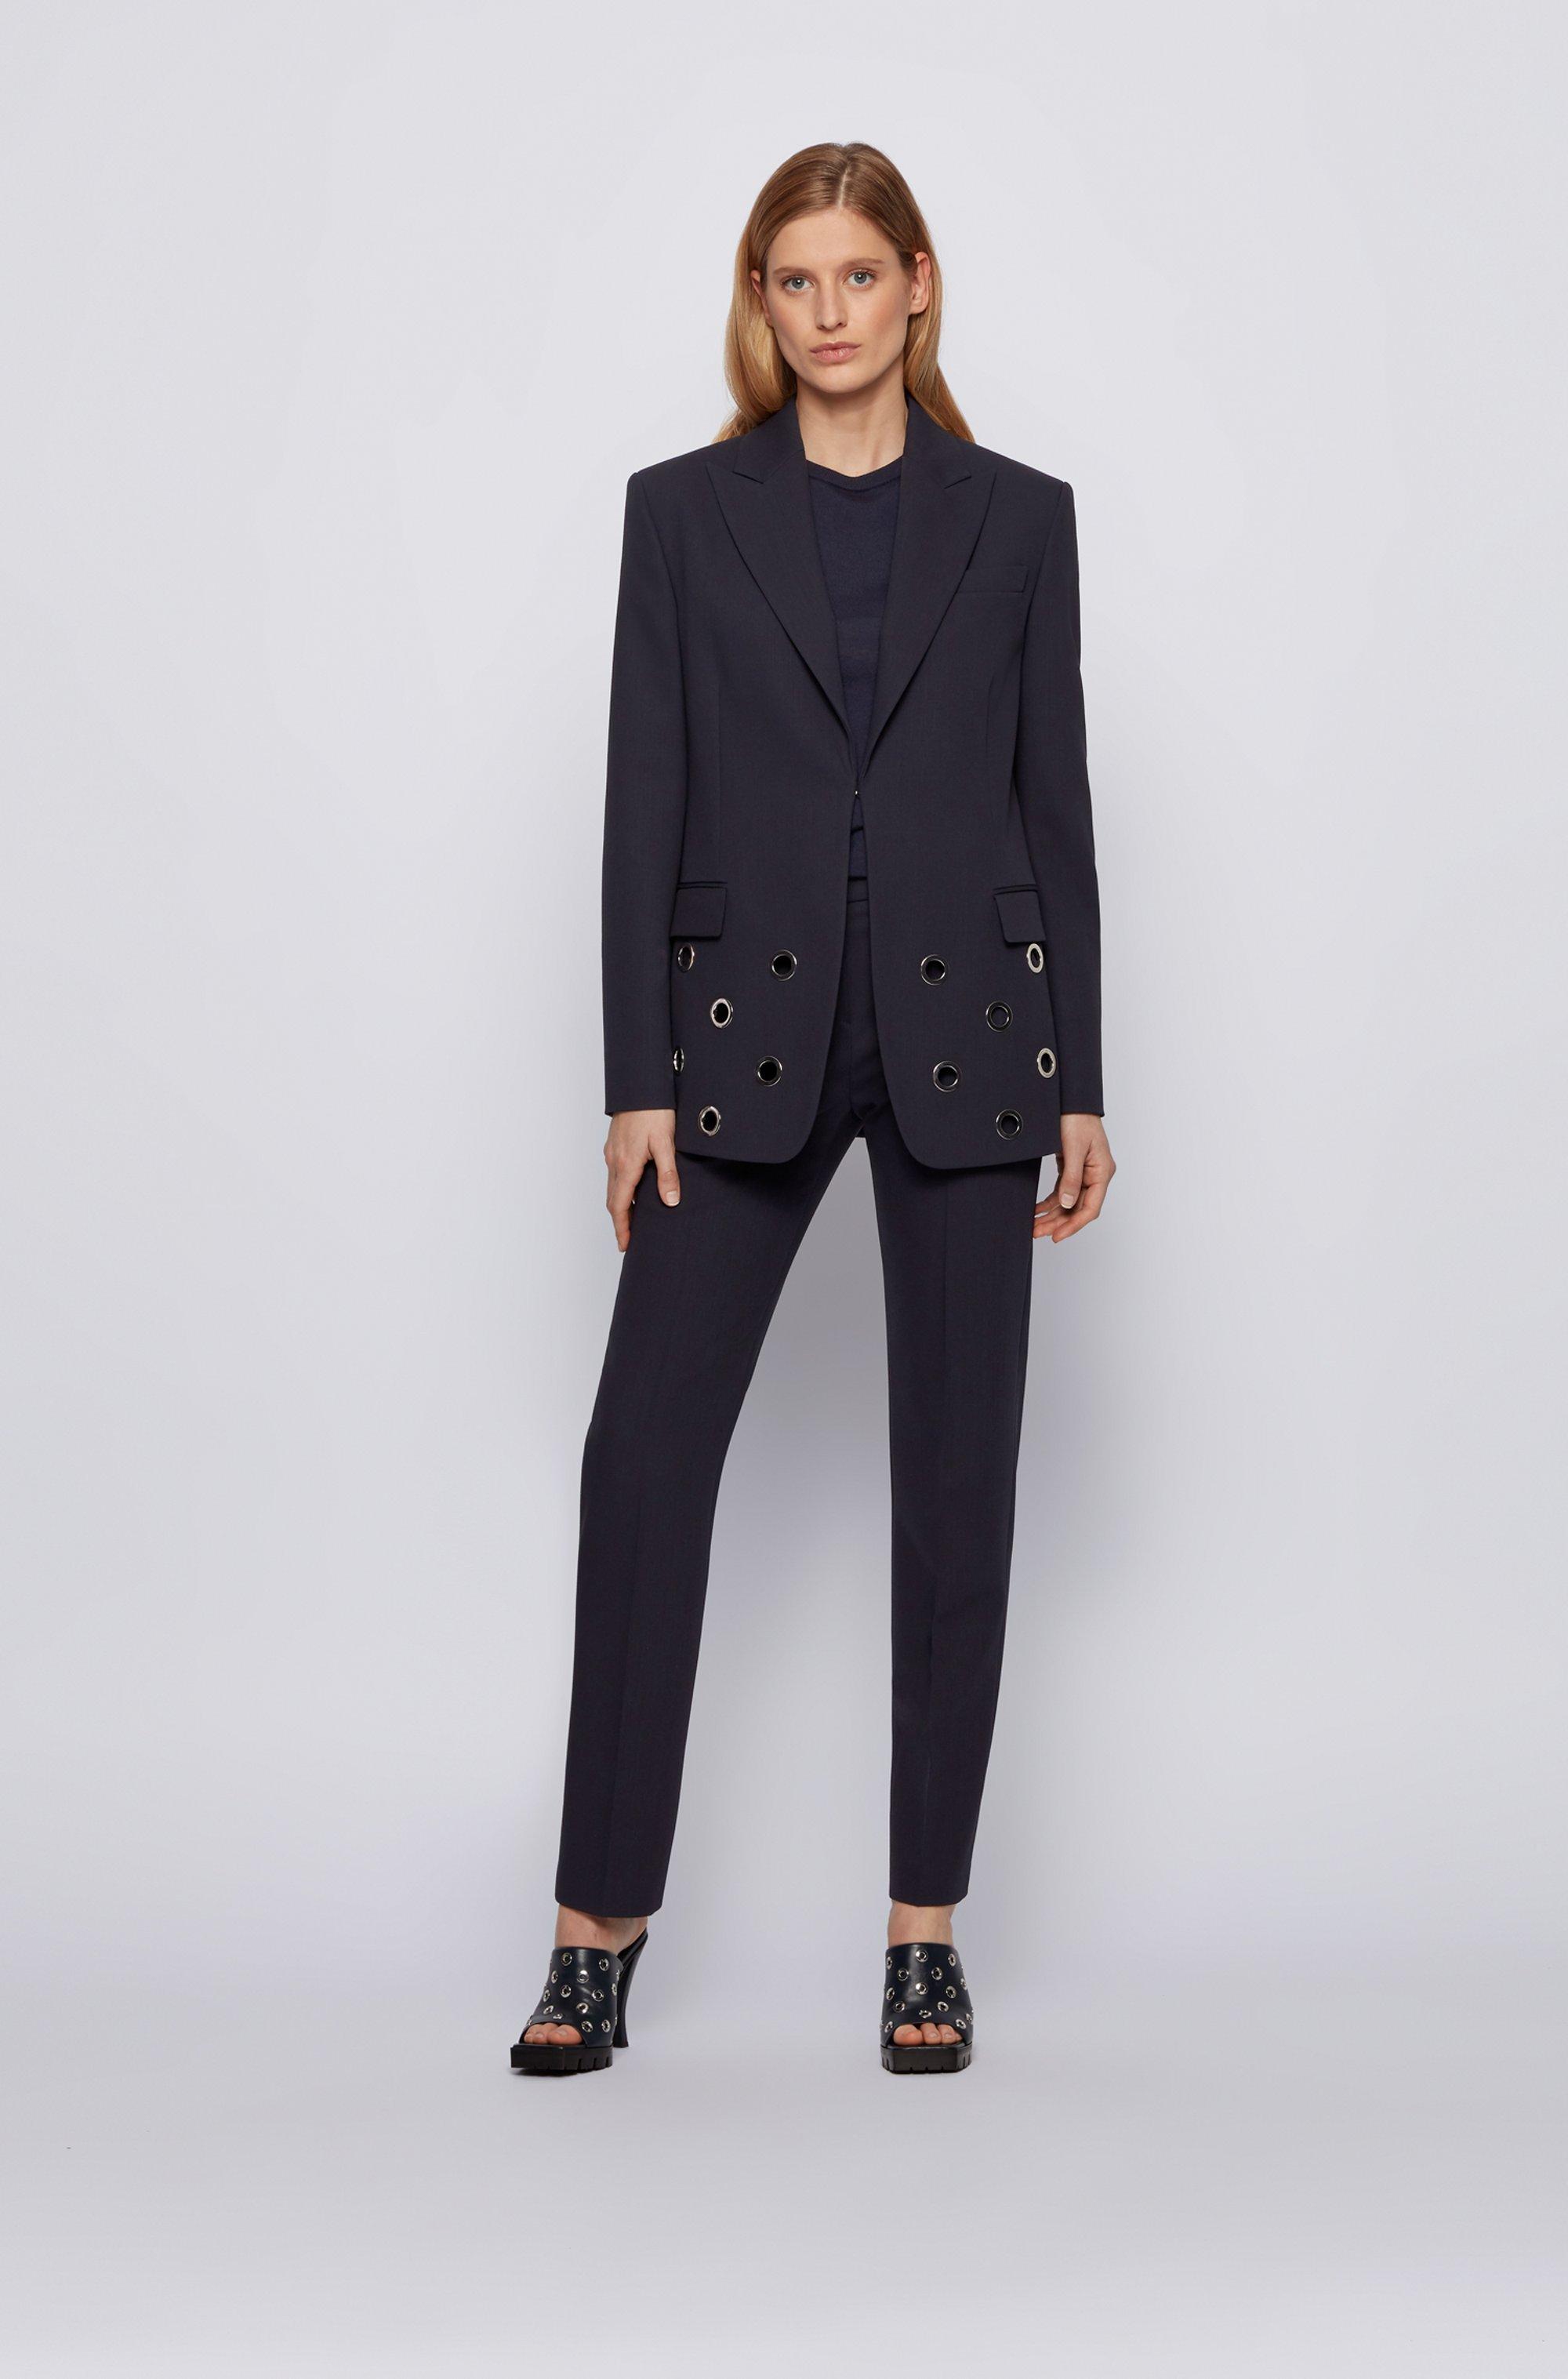 Eyelet-trim jacket in Italian virgin wool